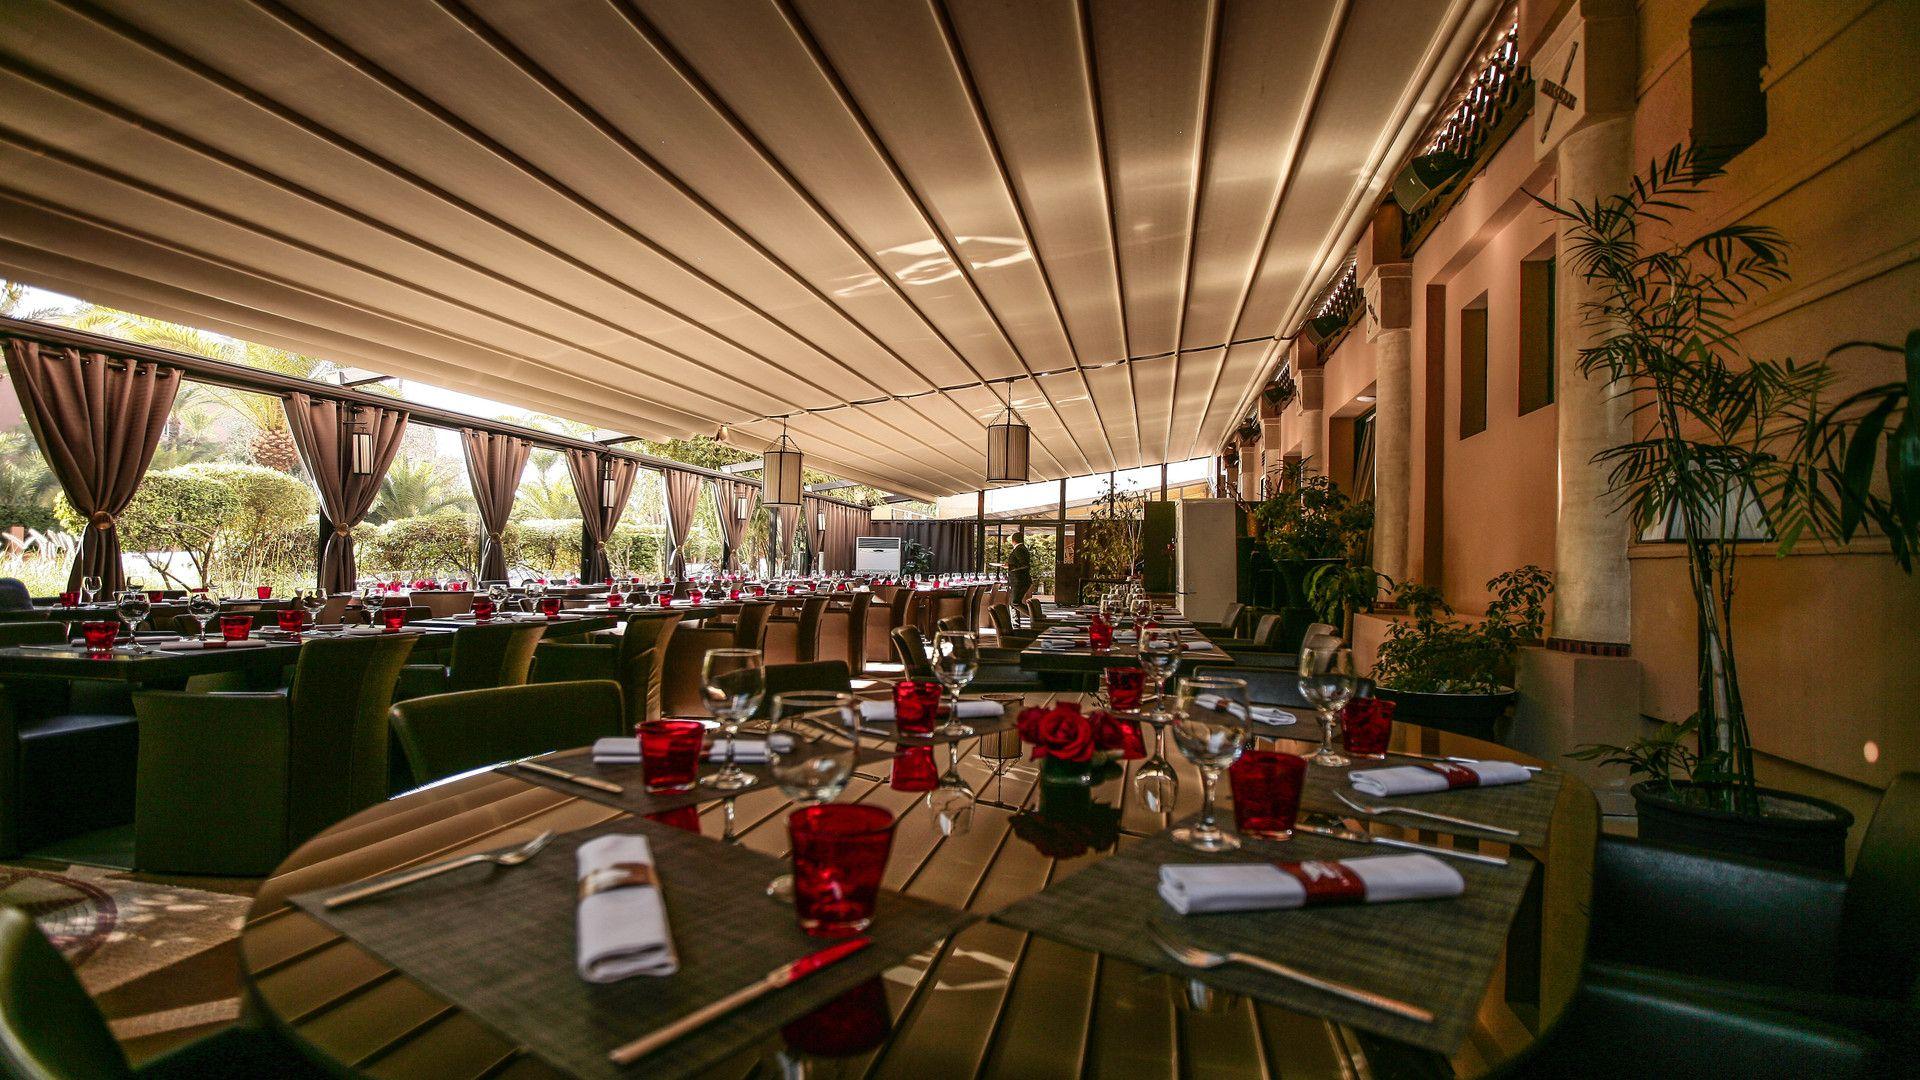 Profitez d'un séjour spécial à Marrakech au Maroc du 14 au